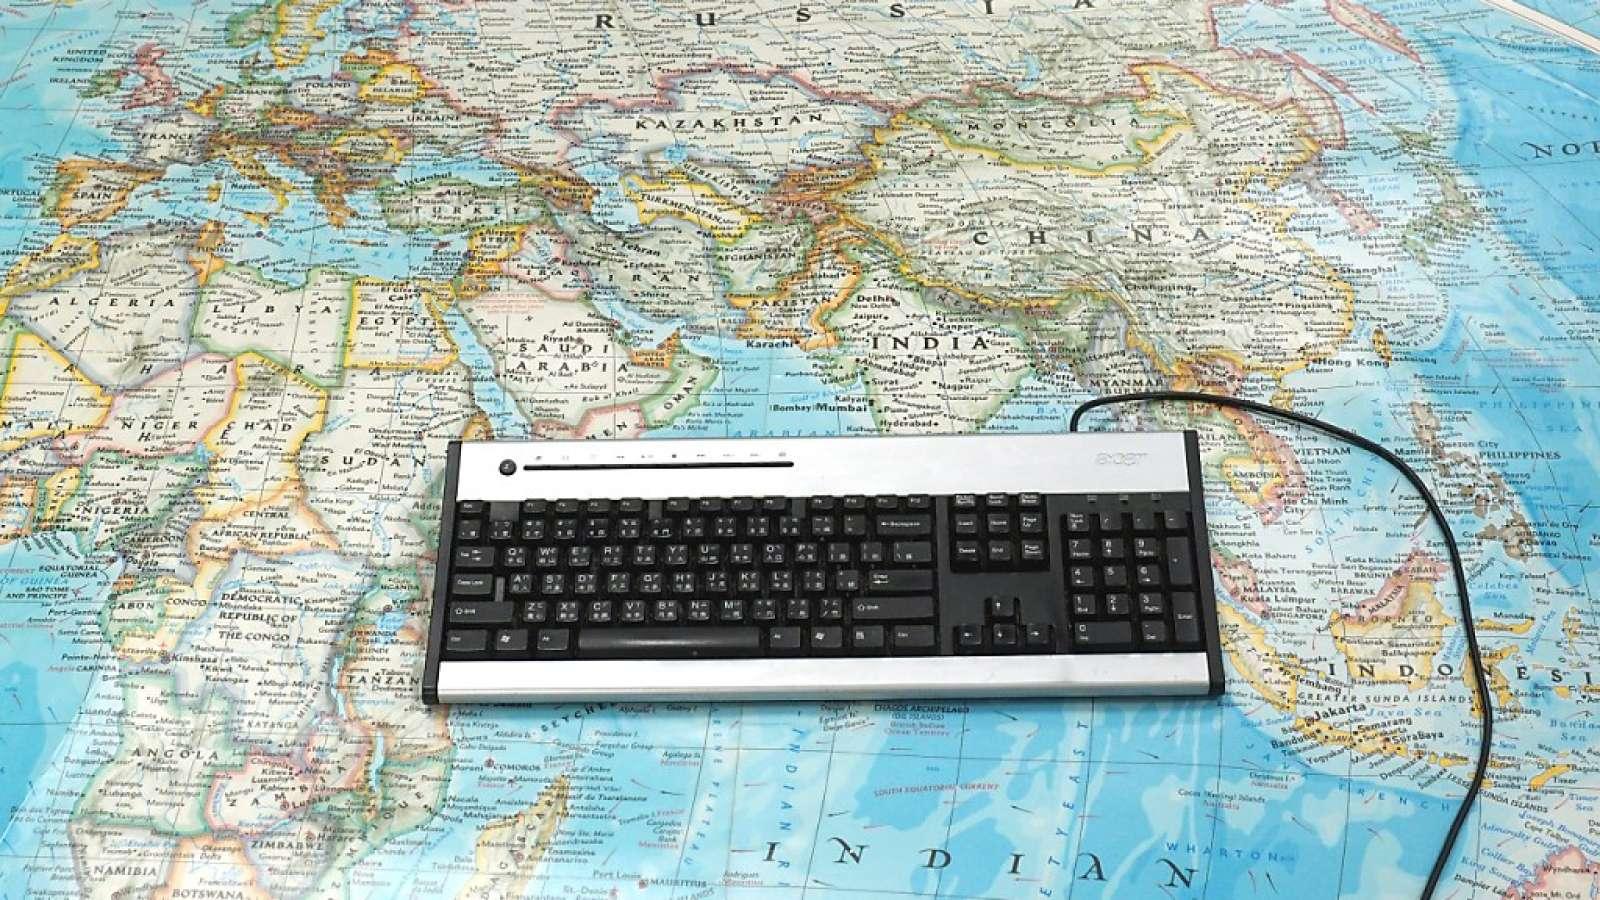 Die Cyber-Attacke hat laut Europol in 150 Ländern Schaden angerichtet